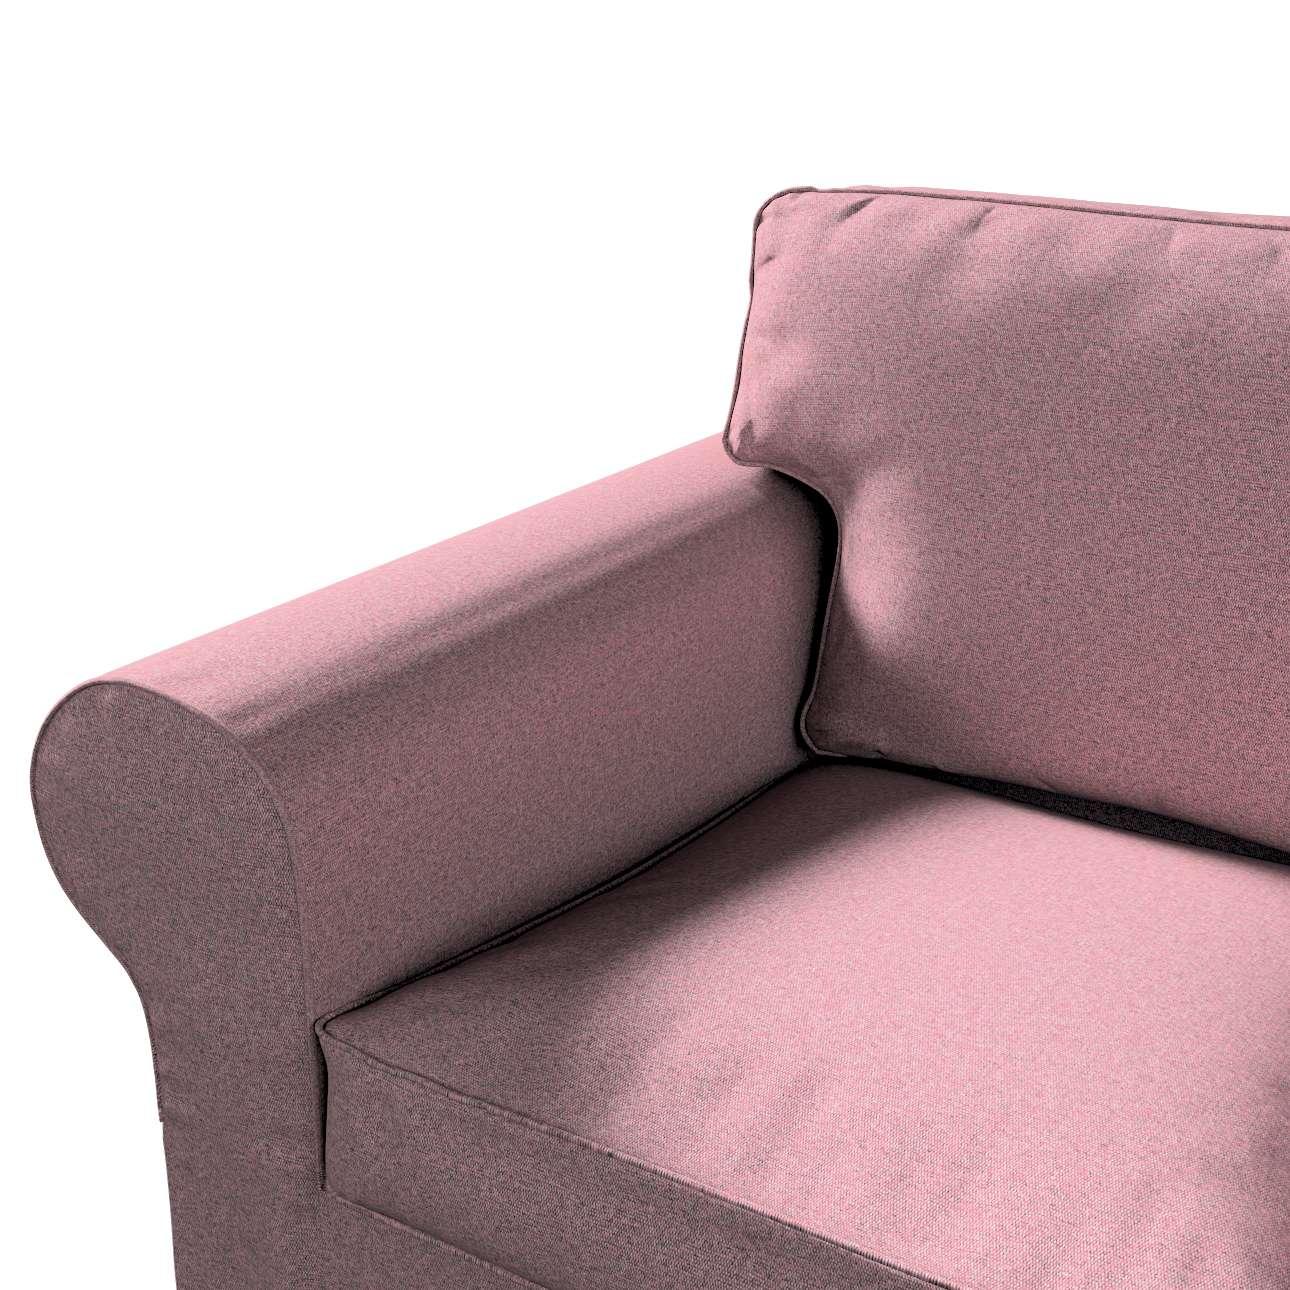 Pokrowiec na sofę Ektorp 2-osobową, rozkładaną, model do 2012 w kolekcji Amsterdam, tkanina: 704-48